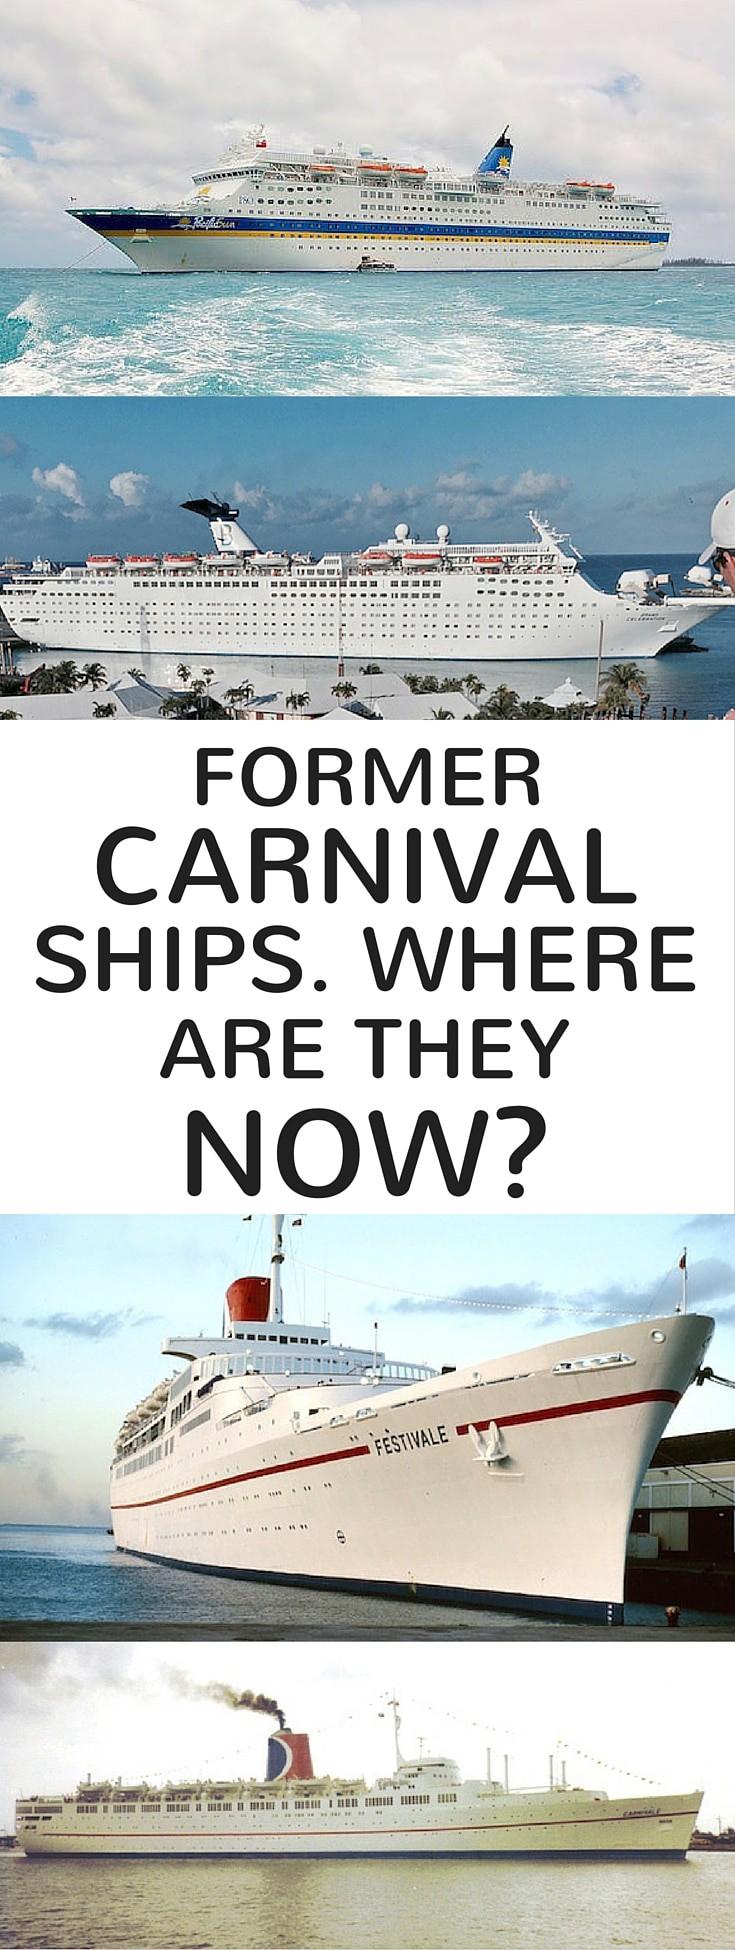 #Carnival #cruise #cruiseship #history #past #travel #vacation #cruising #carnivalcruise